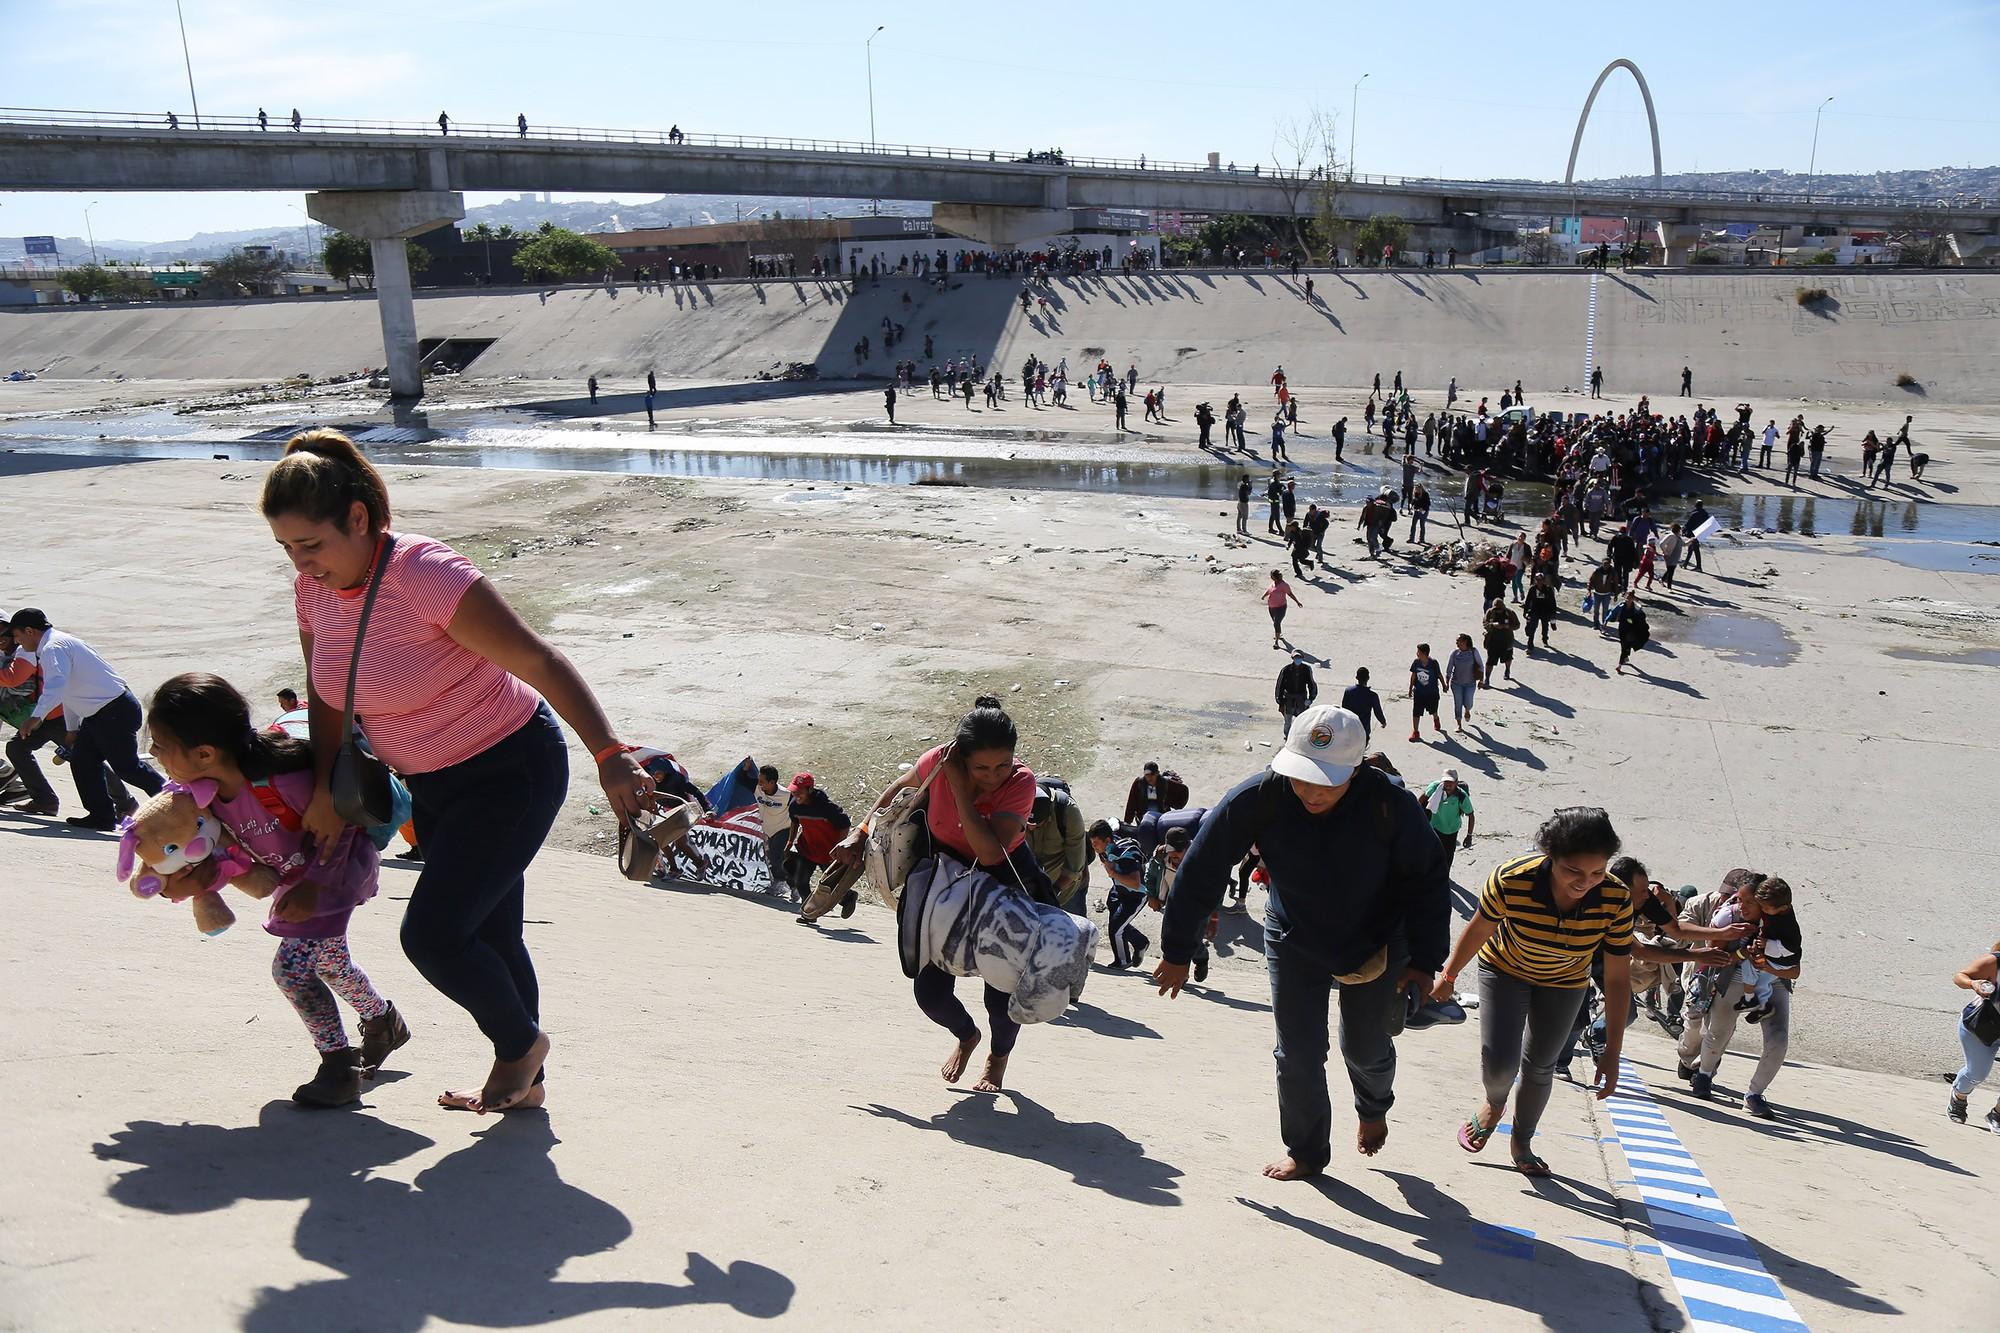 Những bức ảnh lay động lòng người cho thấy sự tàn nhẫn của thảm họa di cư, khi hàng rào thép gai nơi biên giới cứa nát cuộc đời những đứa trẻ-14